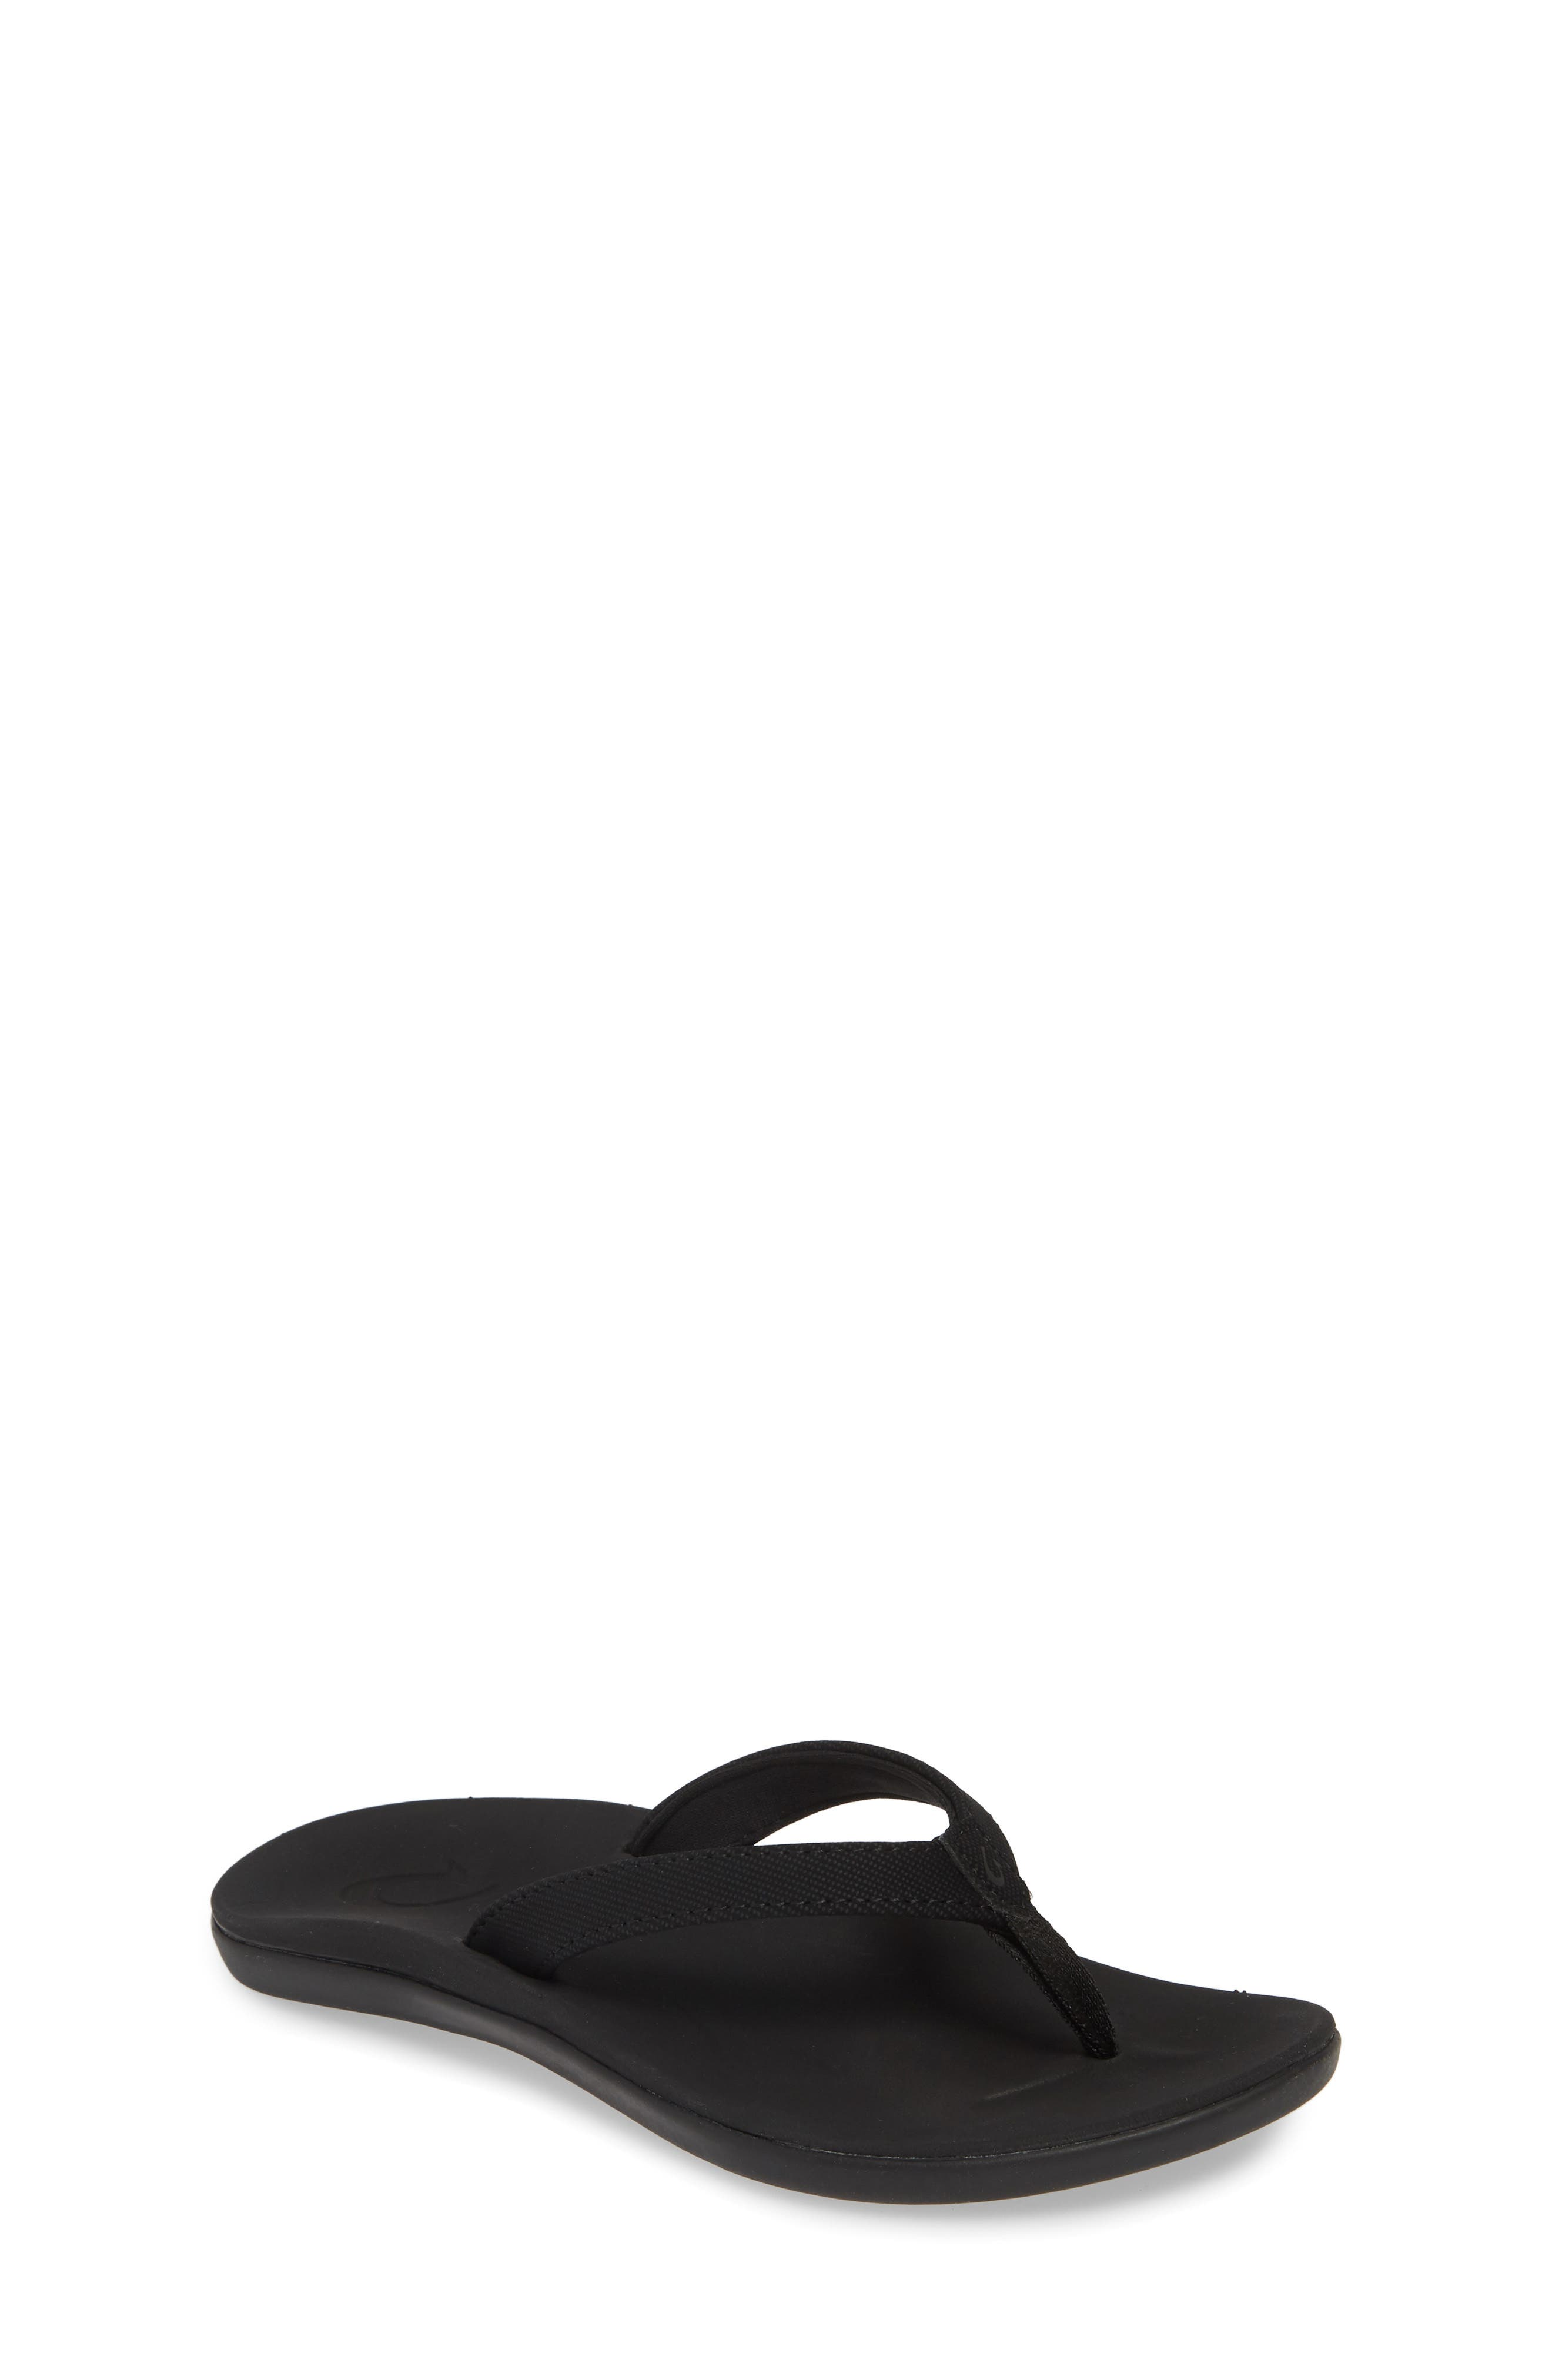 Ho'opio Flip Flop, Main, color, BLACK/ BLACK